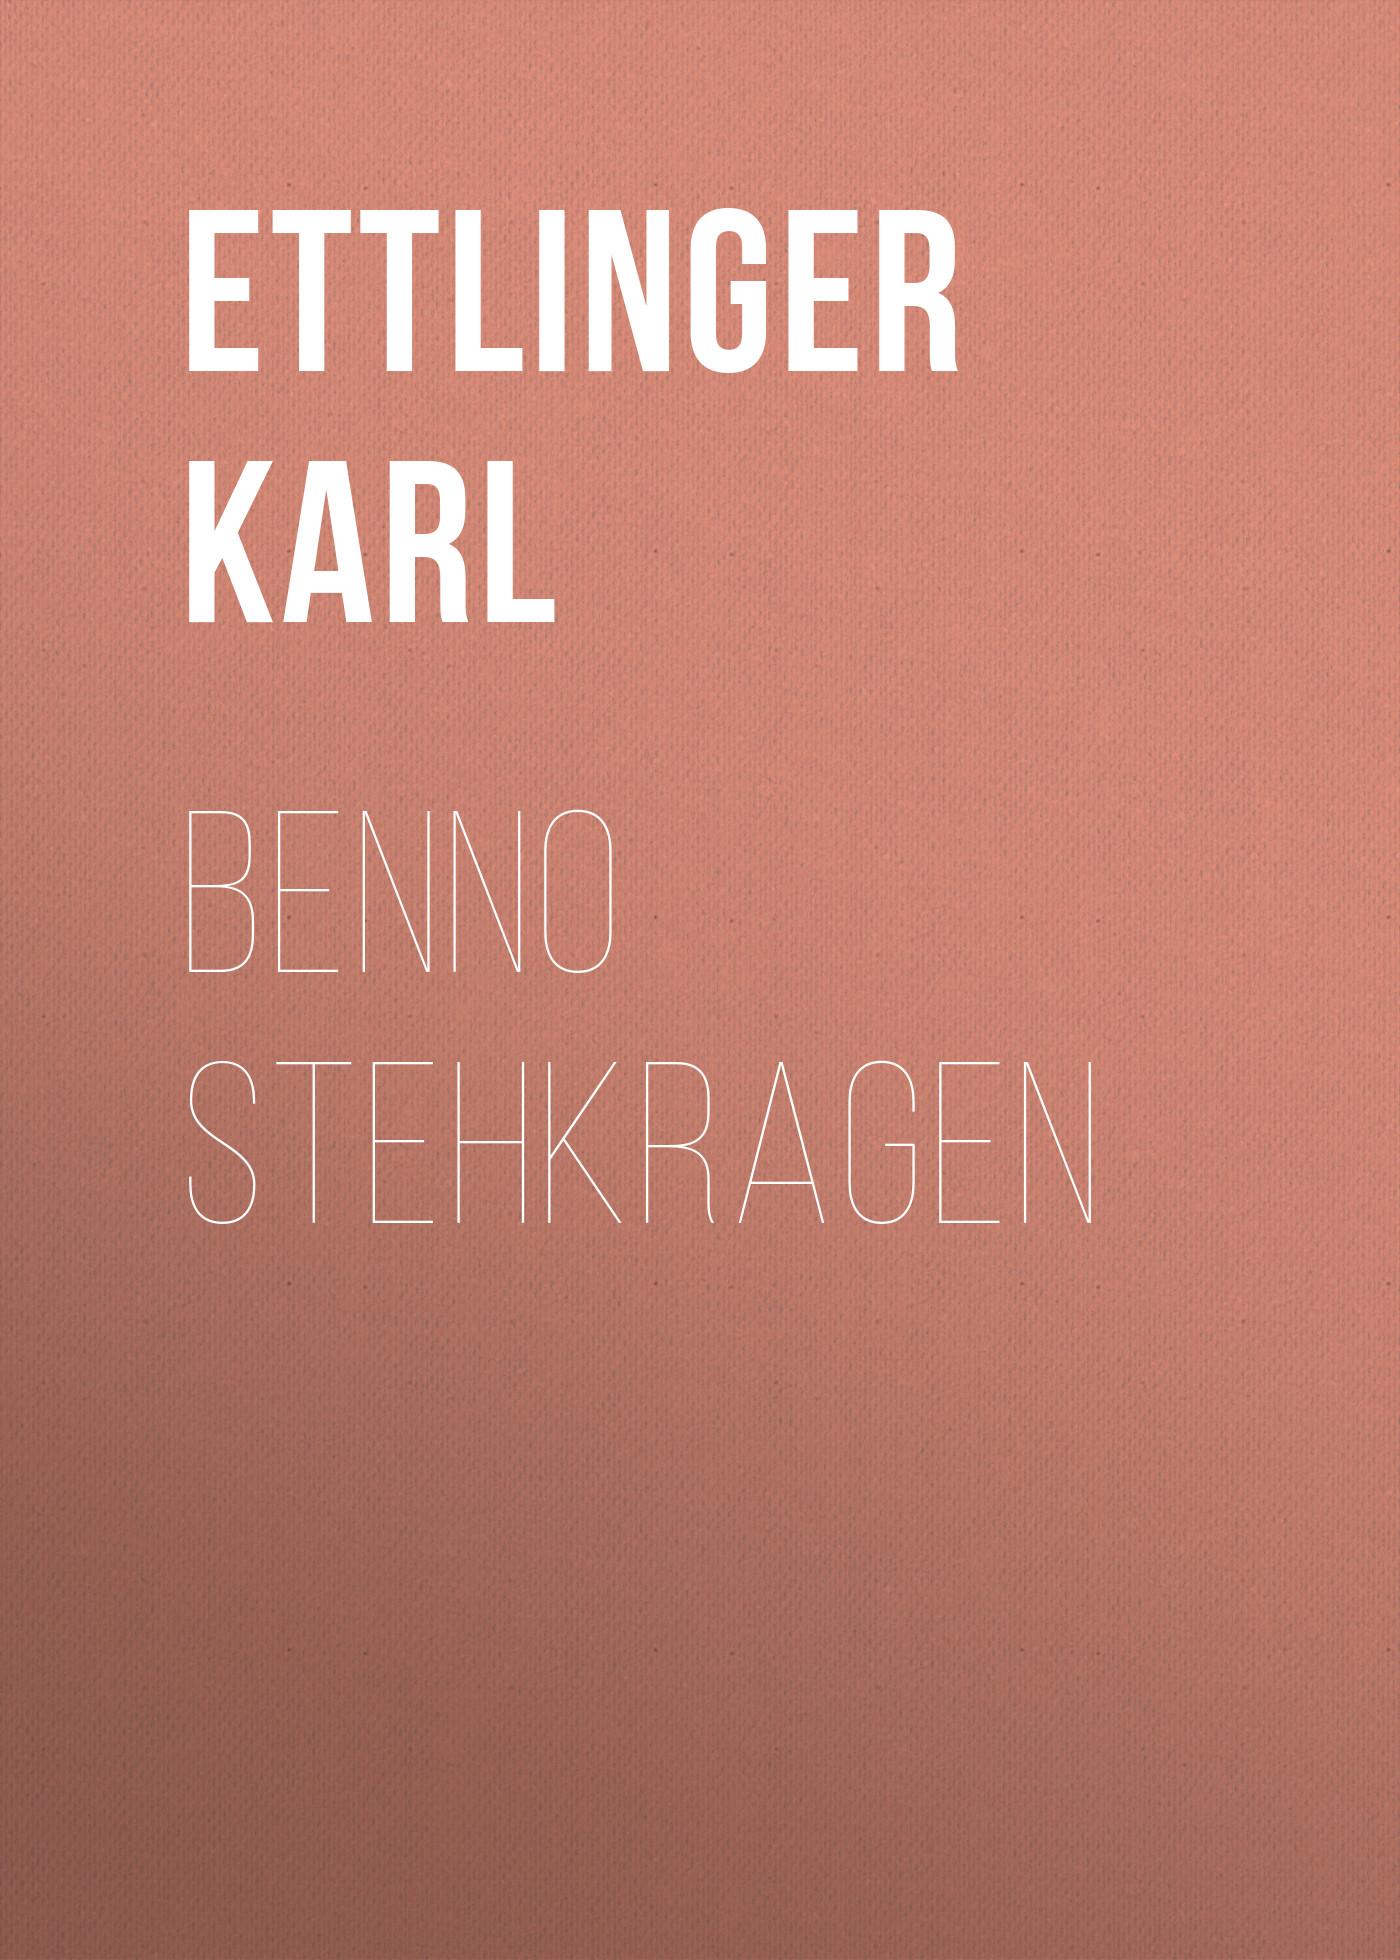 Ettlinger Karl Benno Stehkragen e 3lue ems109 wired gaming mouse white